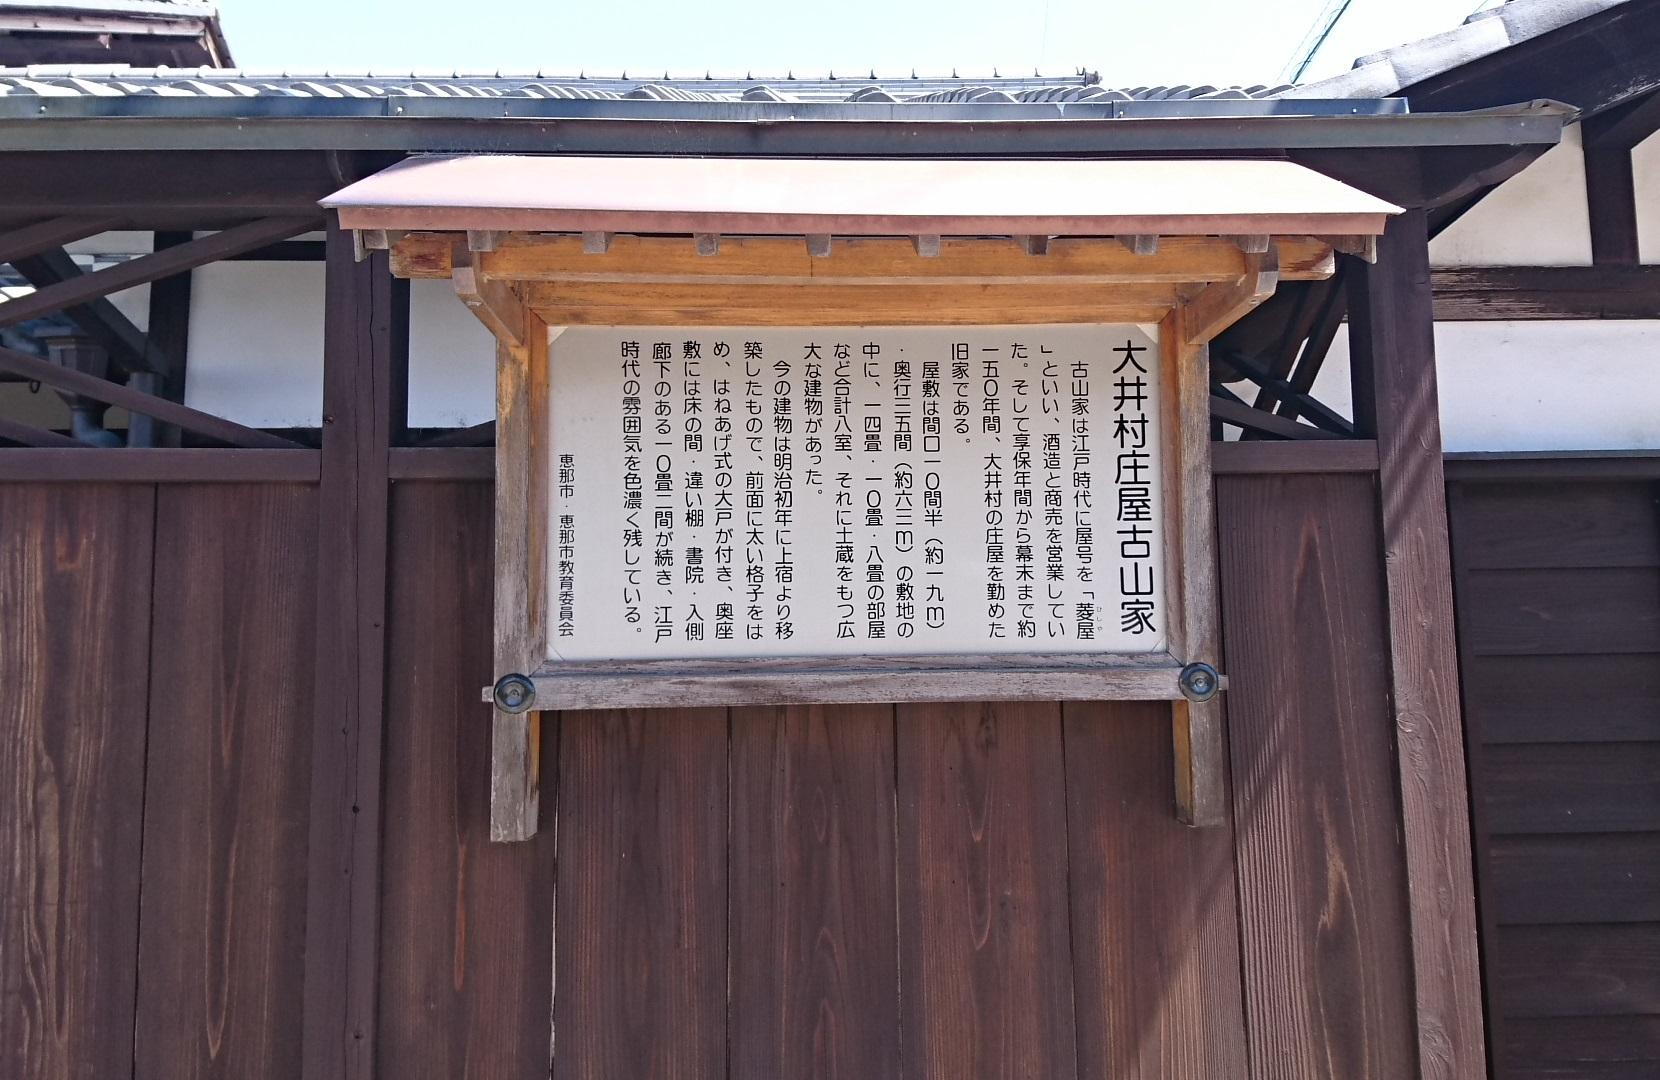 2017.5.19 大井 (62) 中山道ひし屋資料館(大井村庄屋古山家) 1660-1080